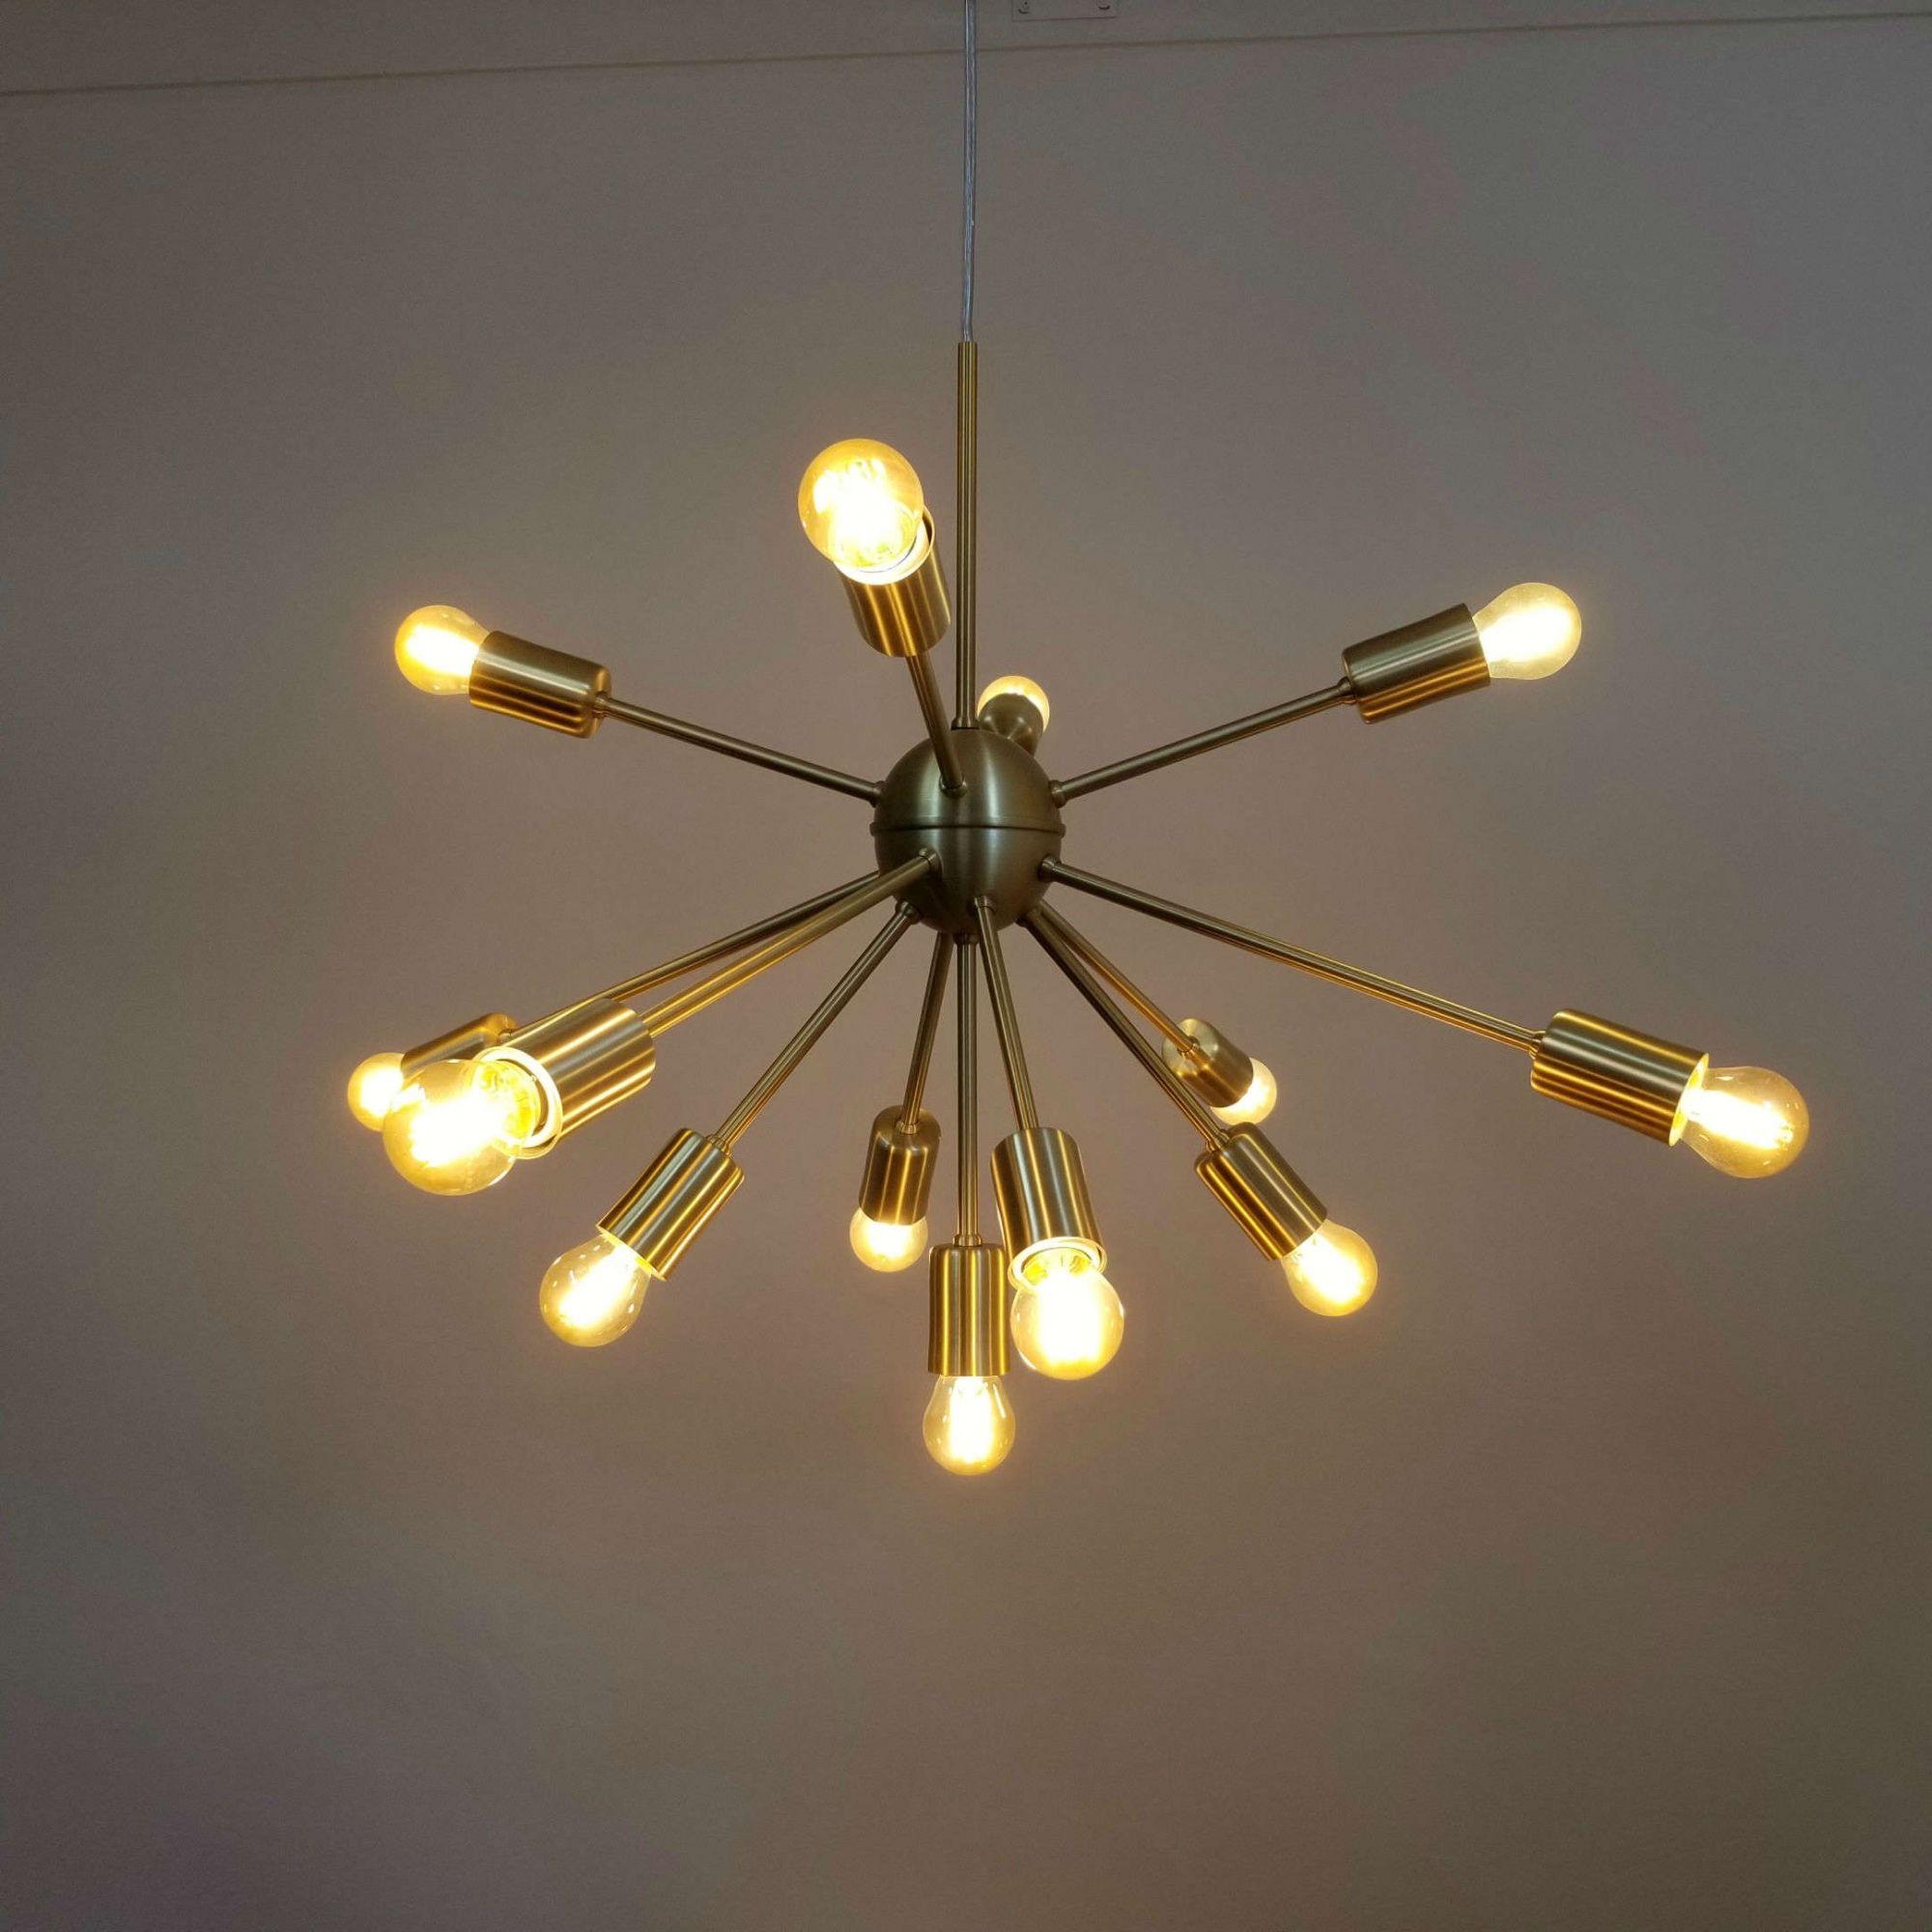 Lustre Pendente Moderno Sputnik Dourado 13 L Mpadas N O Inclusas